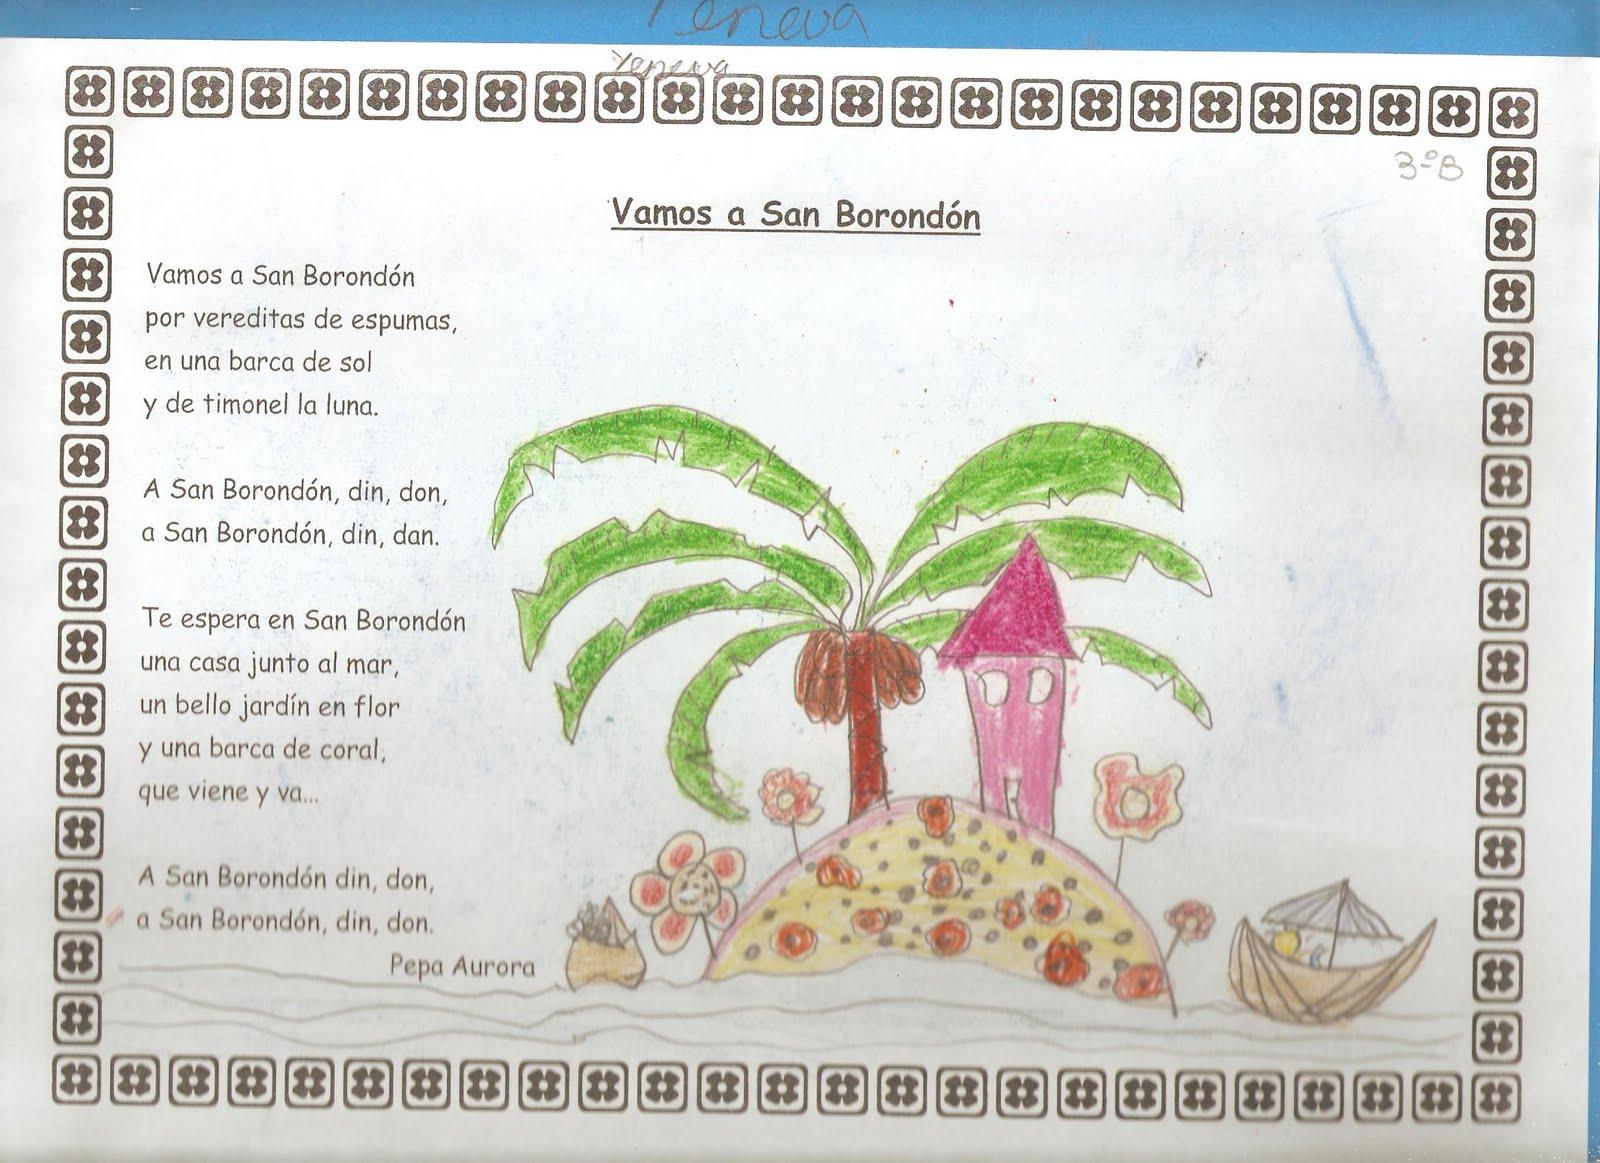 La Misteriosa Isla Canaria San Borondón El Poeta Merlín